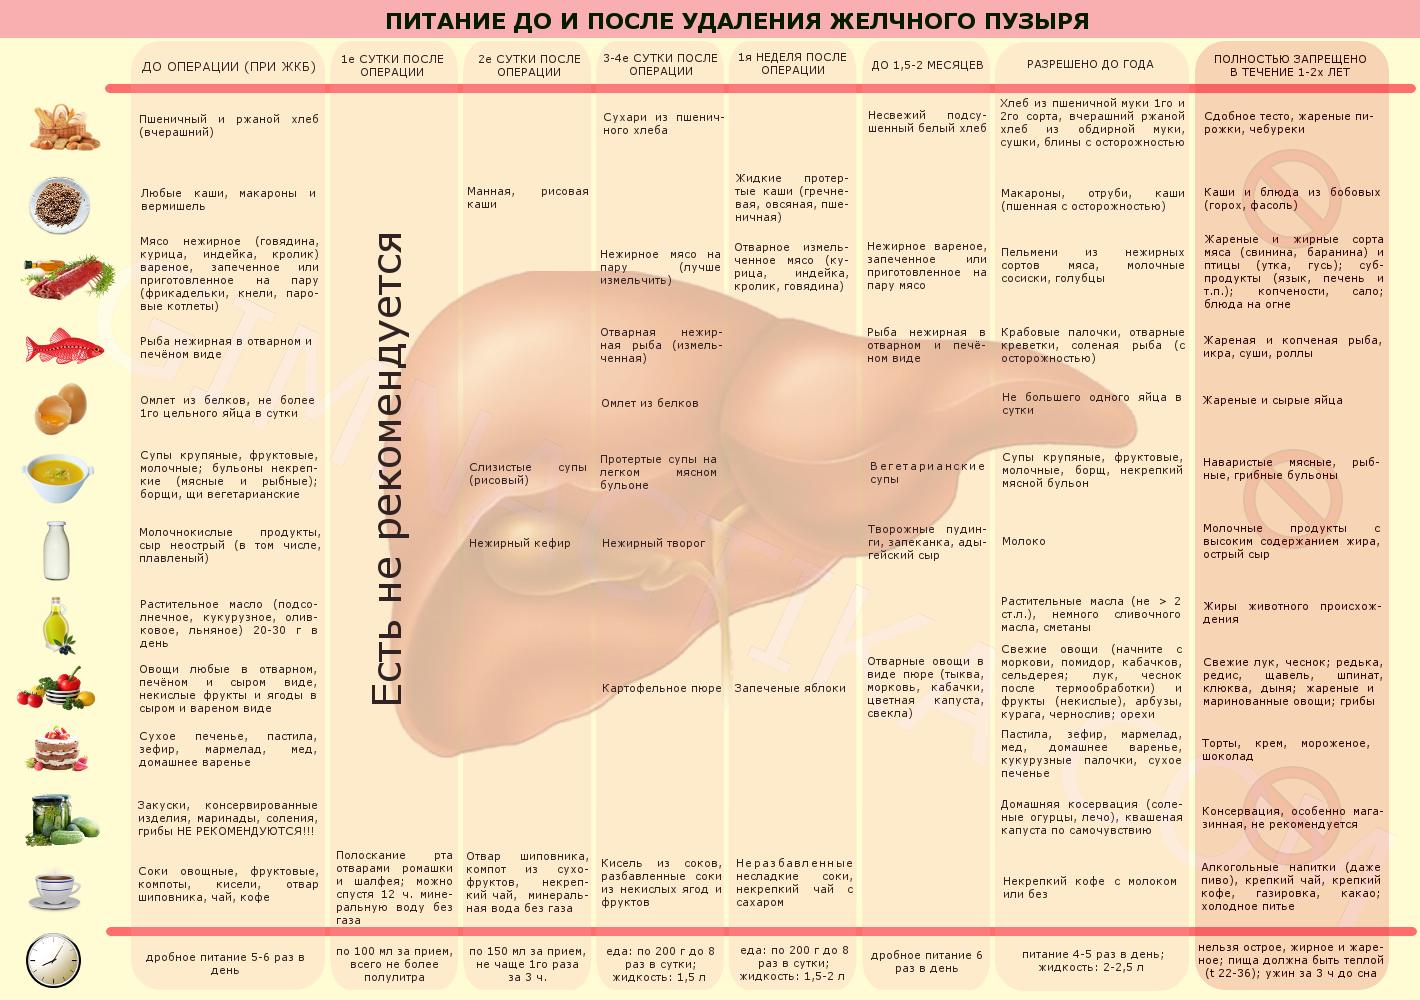 Питание после удаления желчного пузыря (диета № 5)